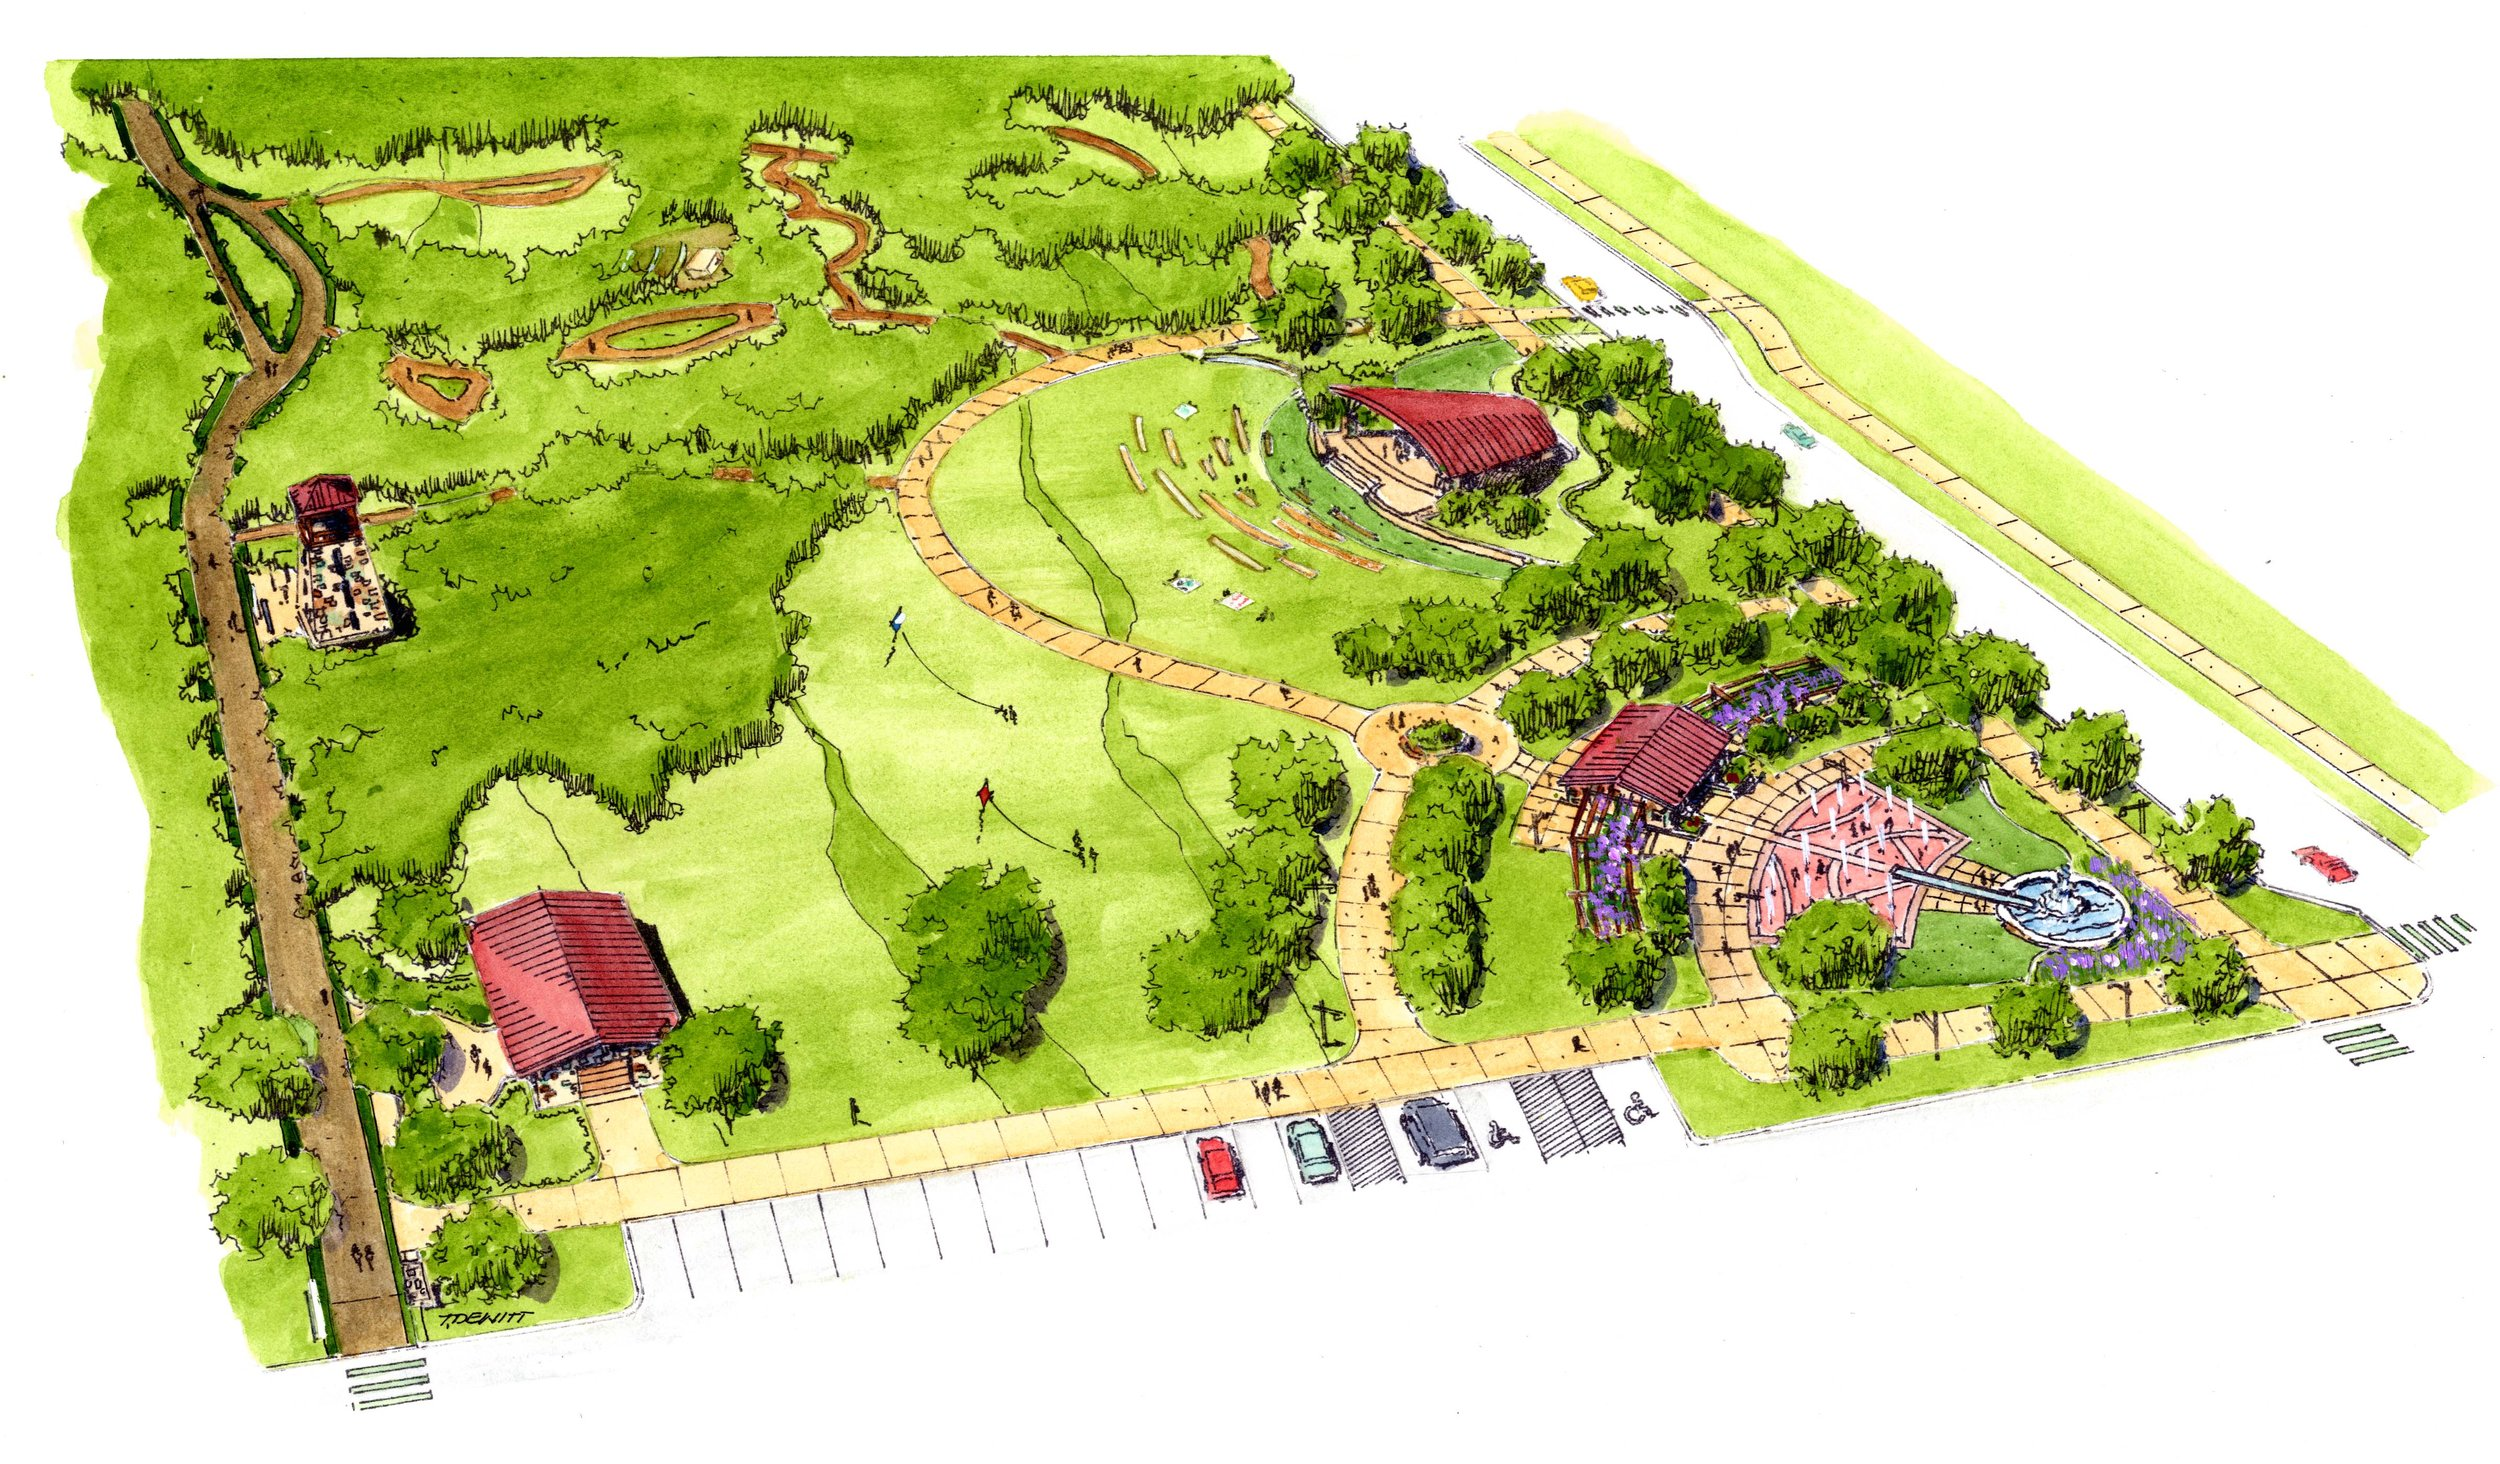 Park Aerial Rendering.jpg